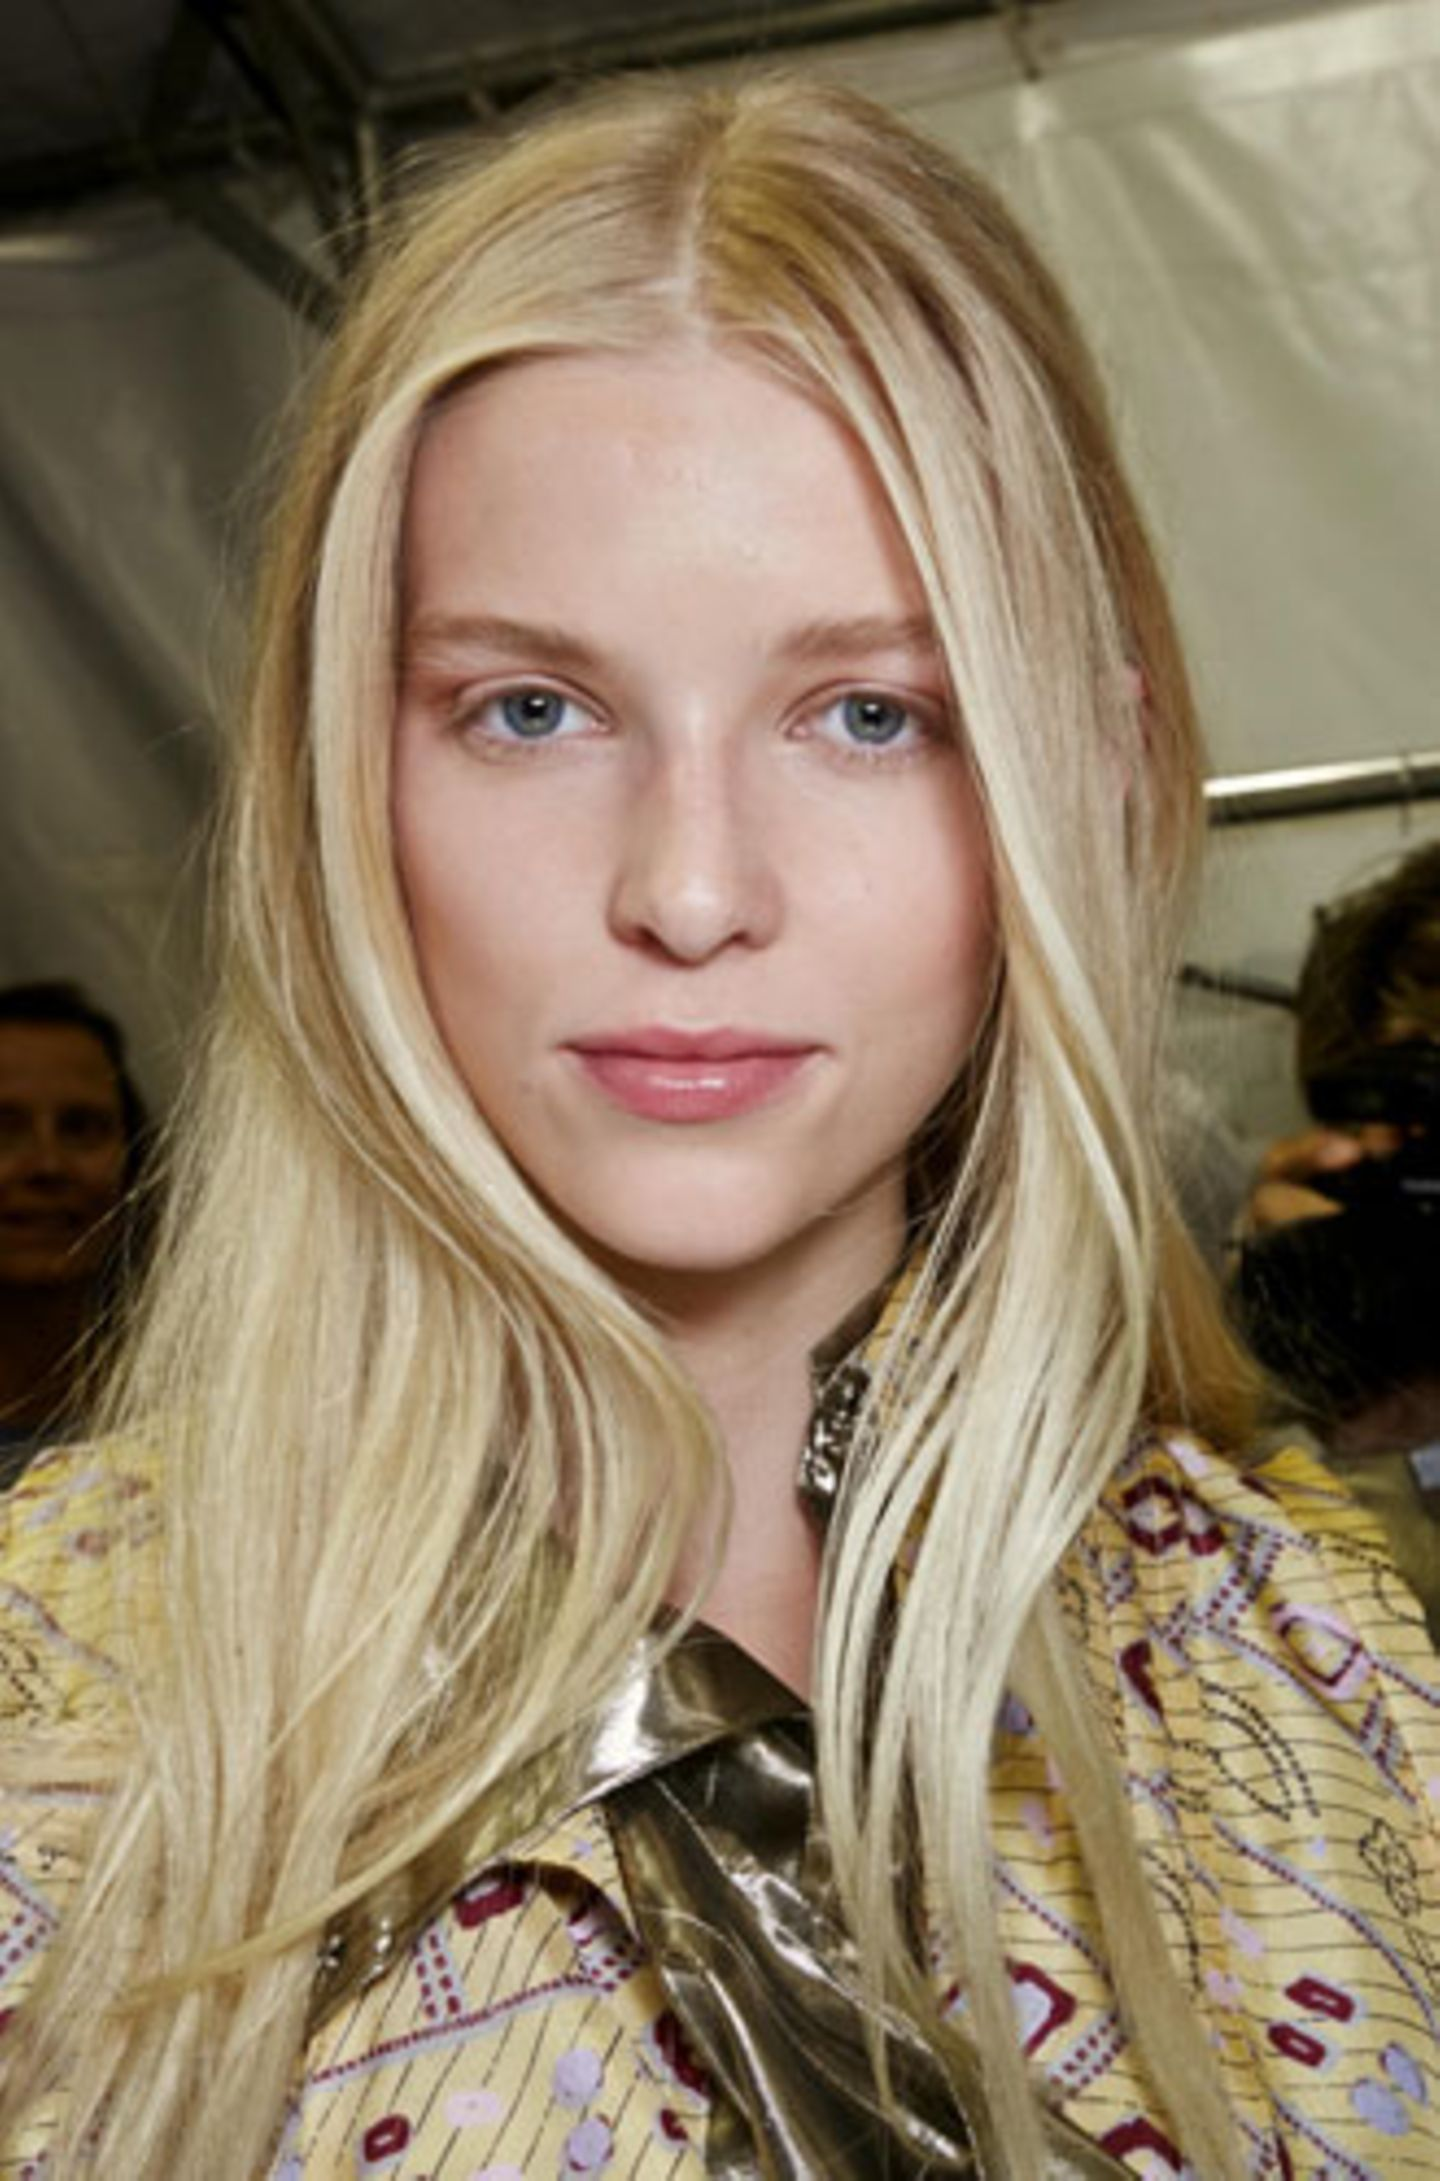 Sexy Frisur, weil: lang, blond – geht immer.